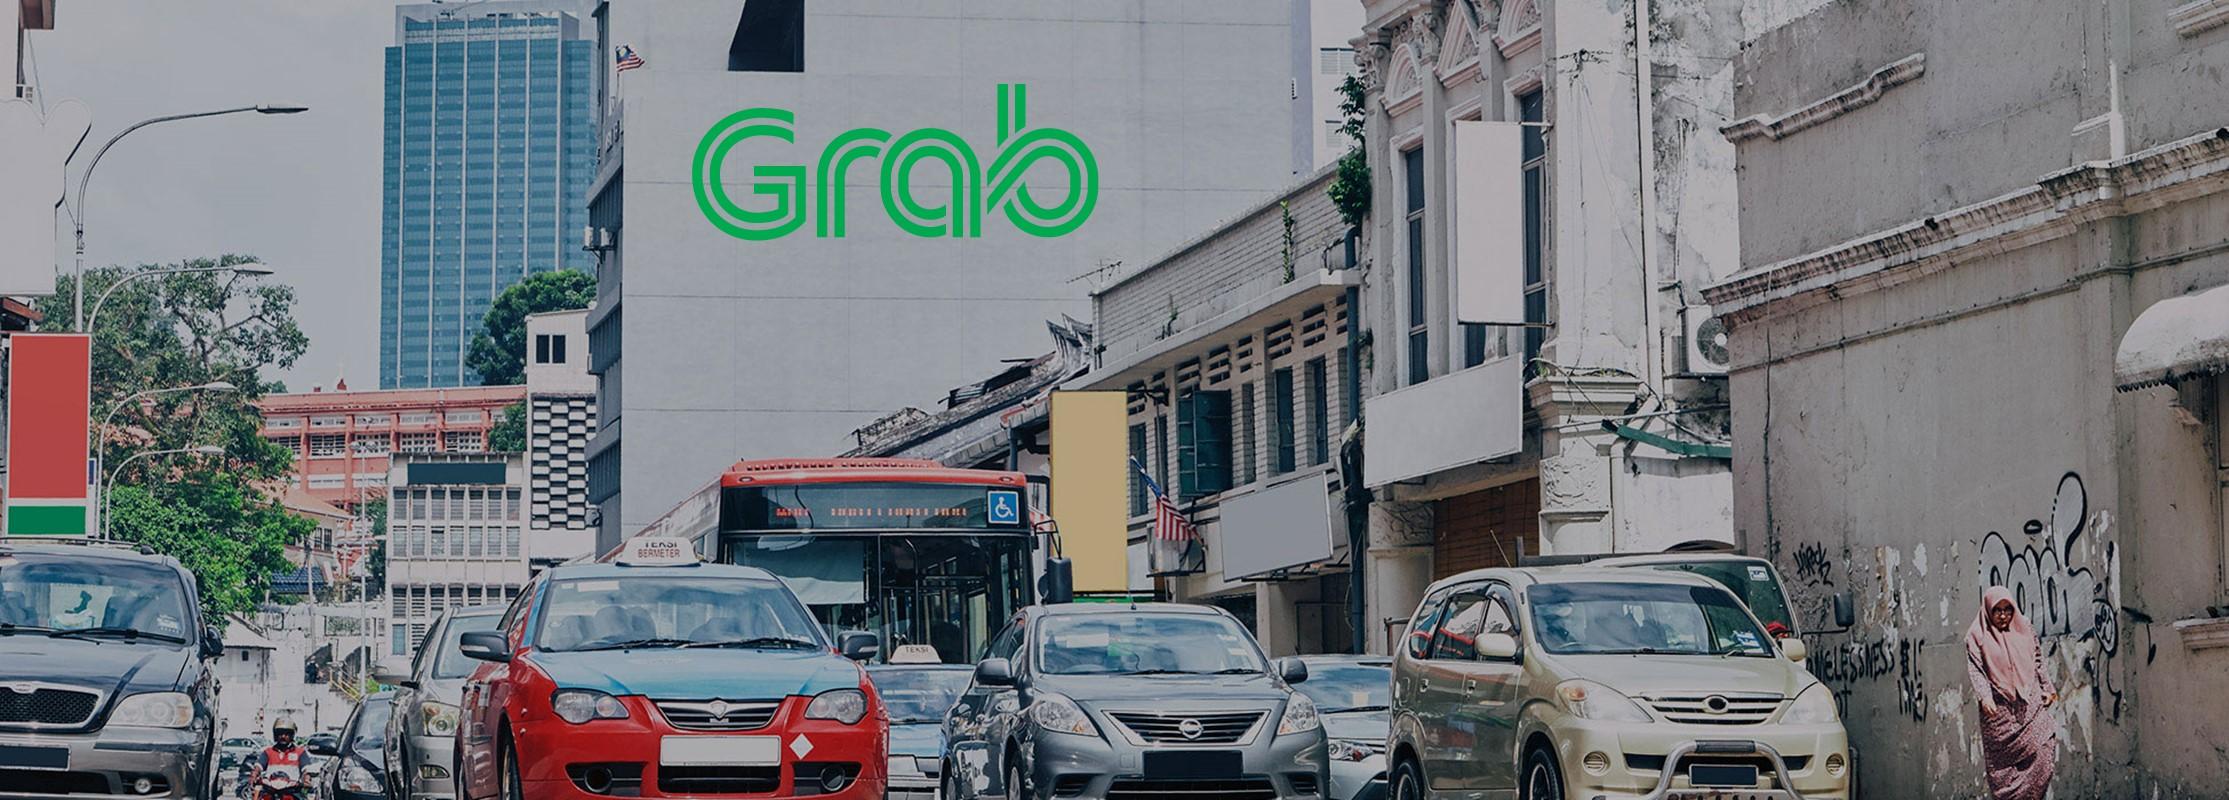 Grab-Photo-Ride-004